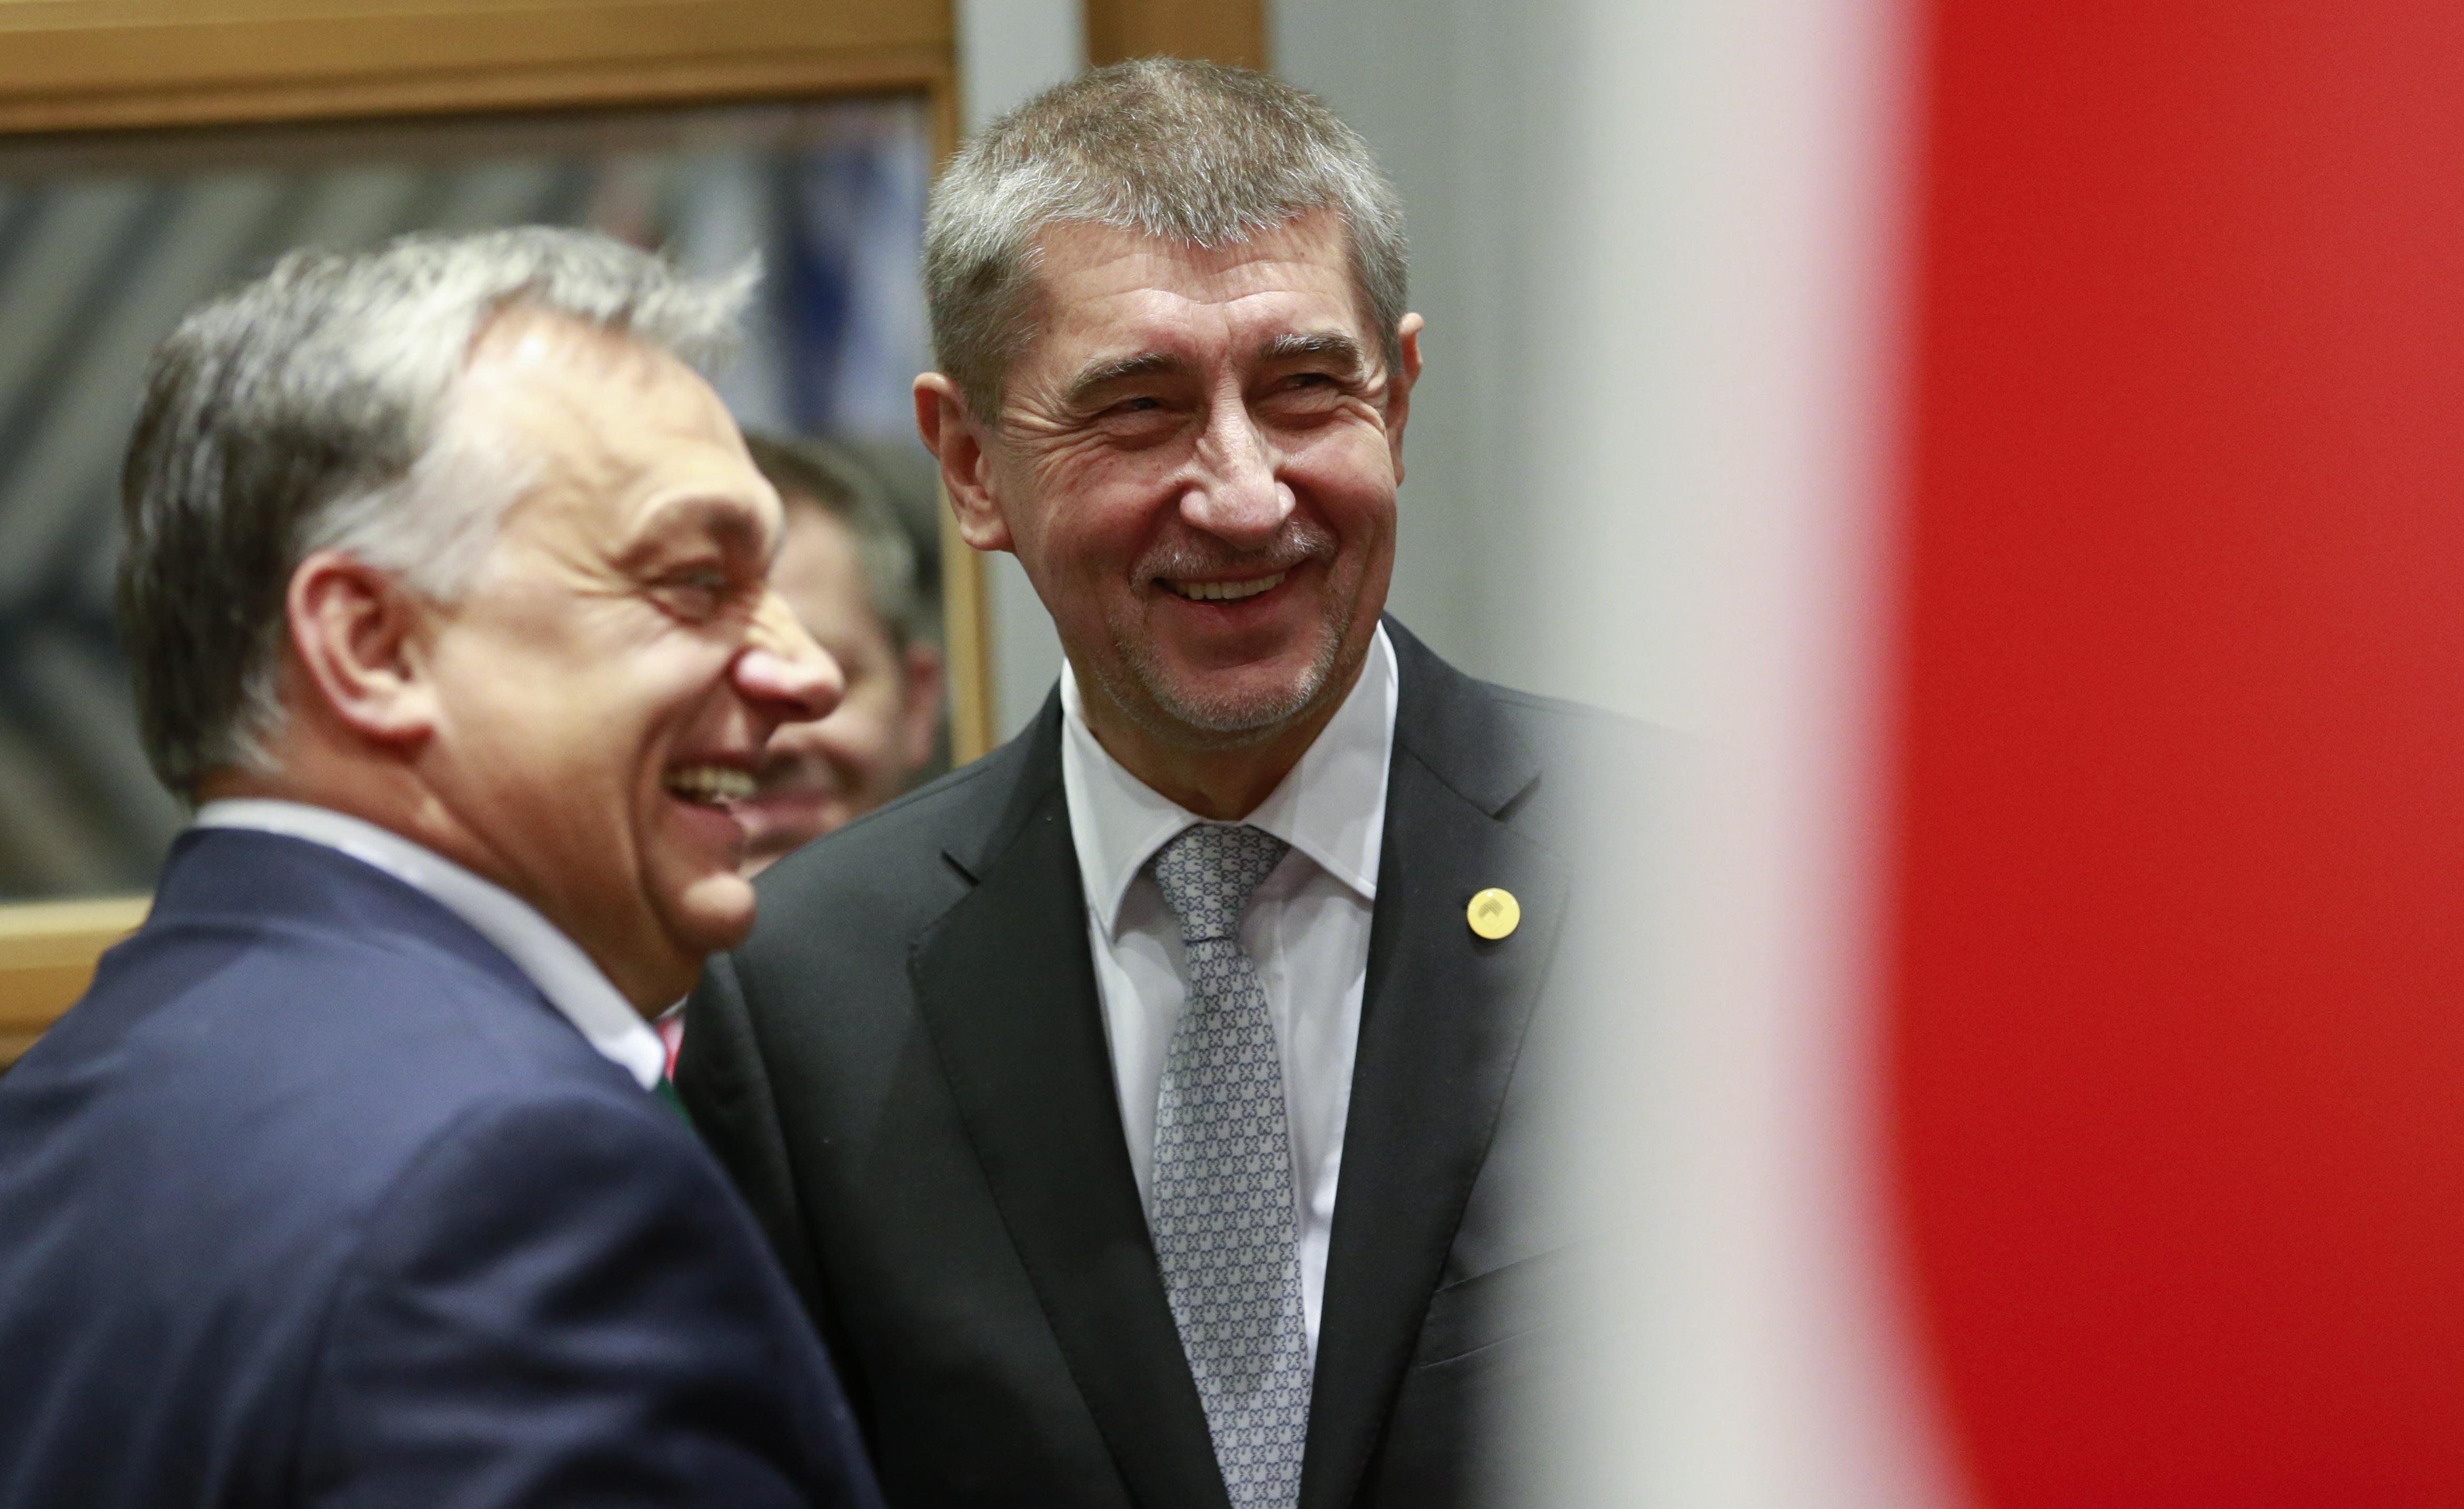 Vádemelést javasolt a rendőrség a cseh miniszterelnök ellen az uniós pénzek jogtalan felhasználása miatt